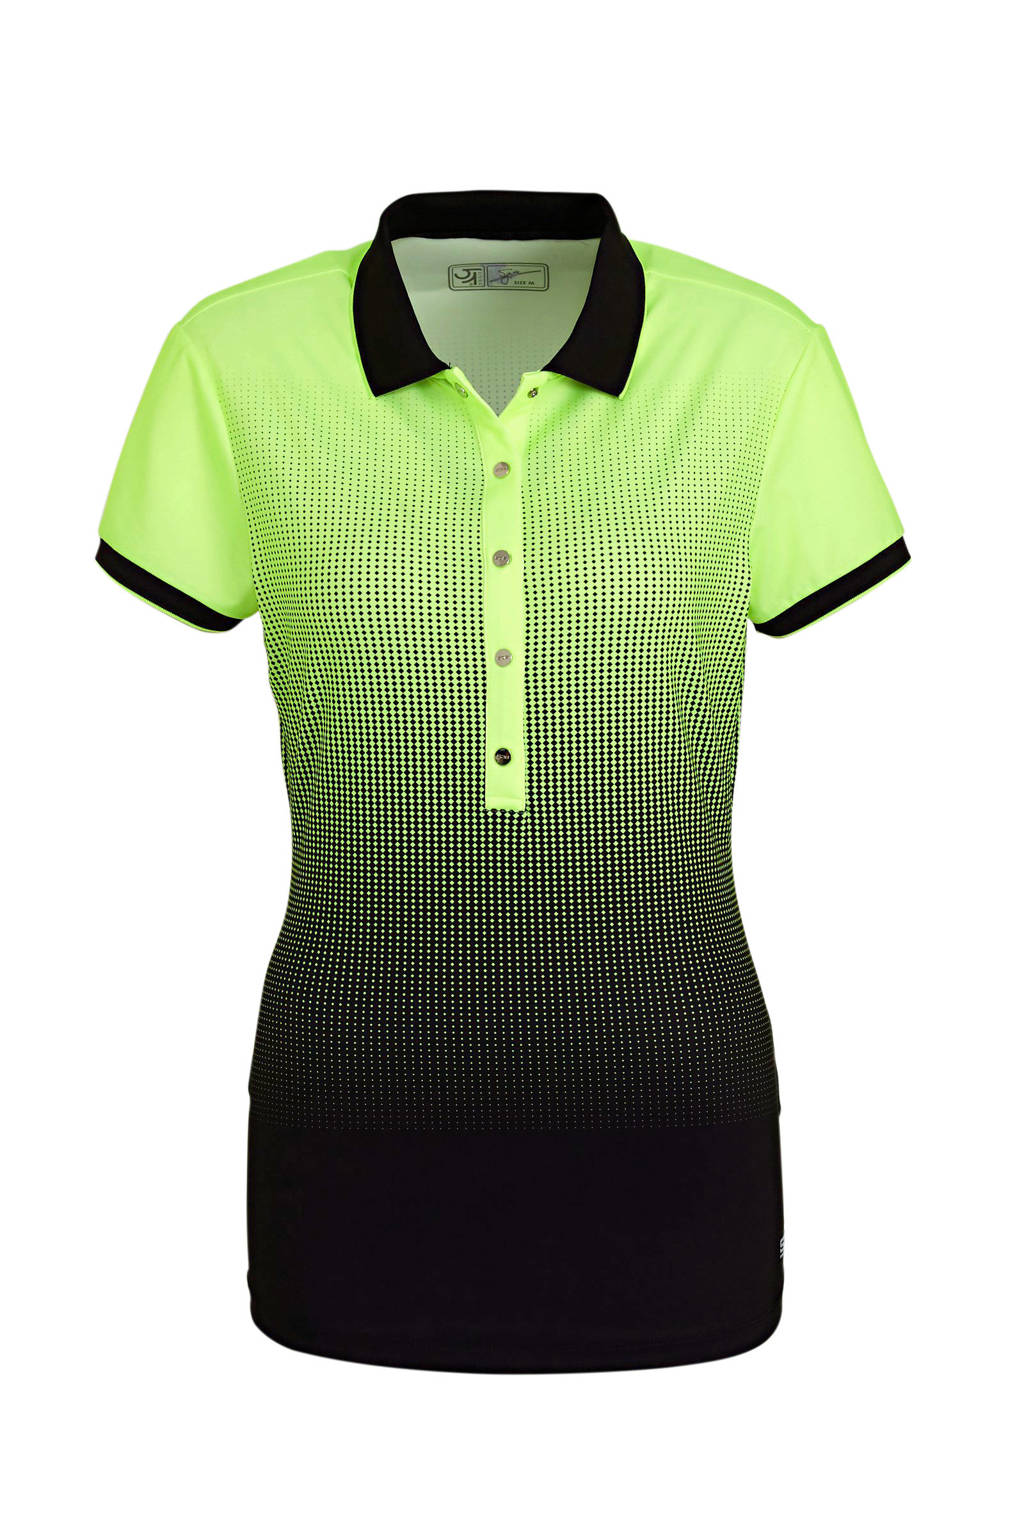 Sjeng Sports polo Krissy limegroen/zwart, Limegroen/zwart